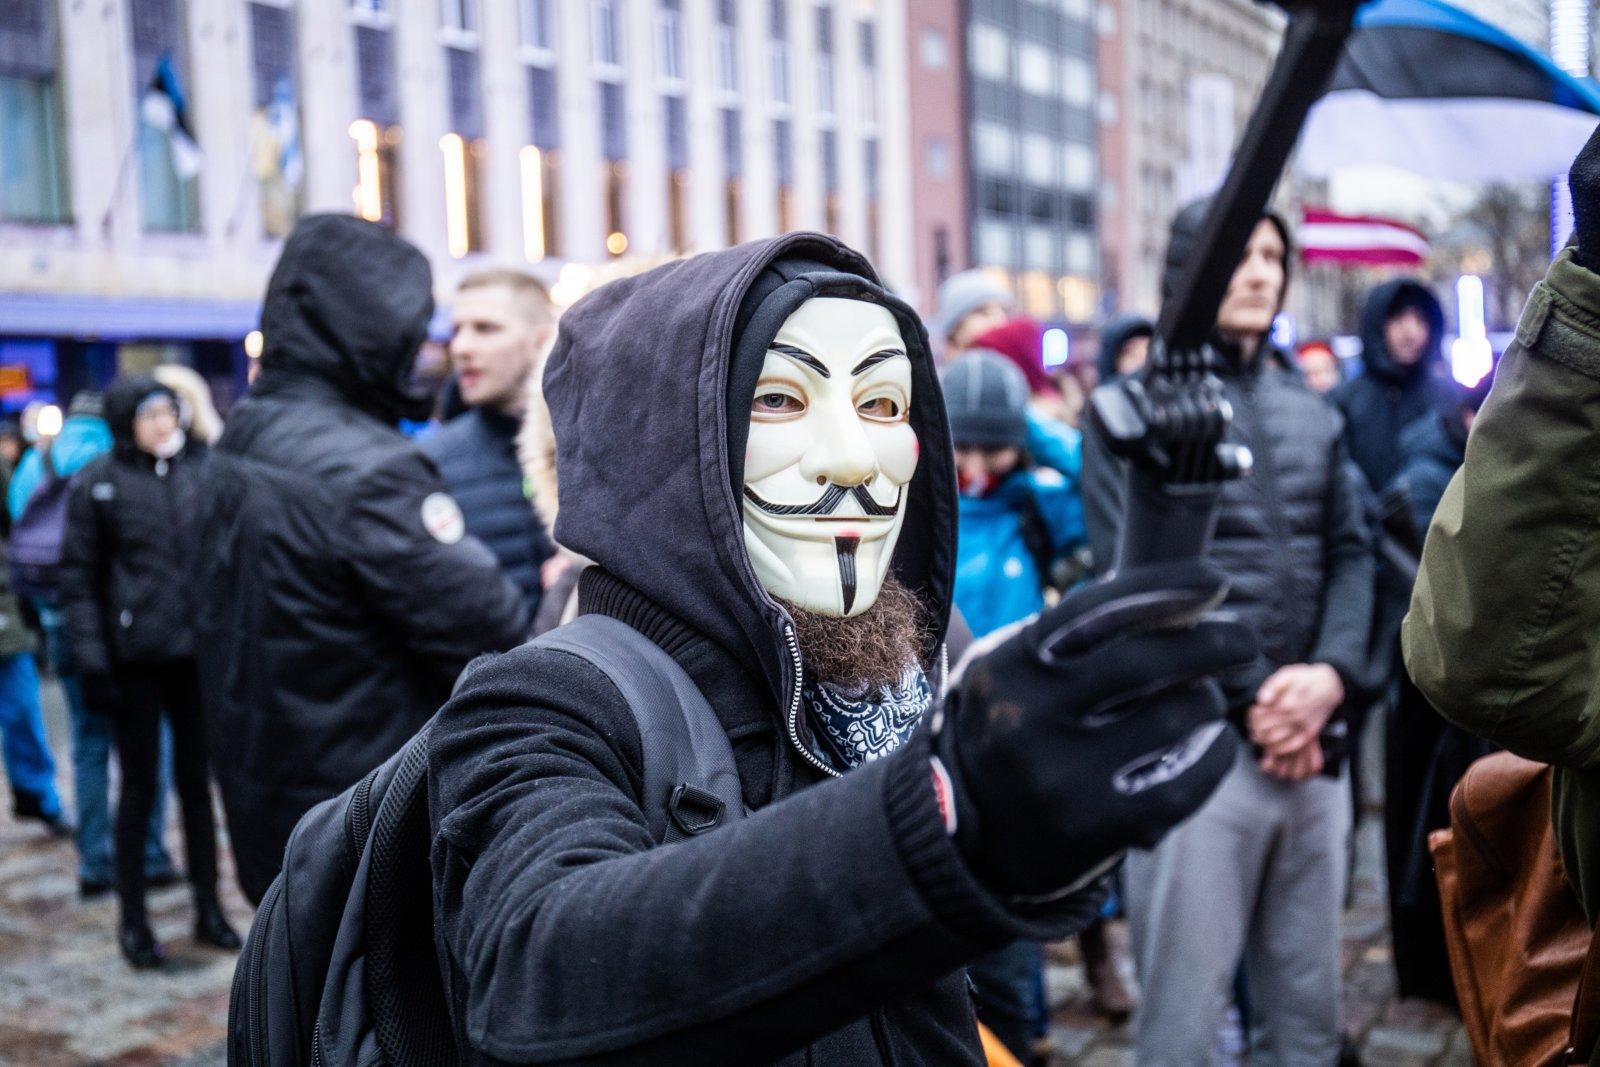 NÄDAL KOMMENTAARIUMIS   Kogu maskikandmine Eestis on puhas formaalsus!: